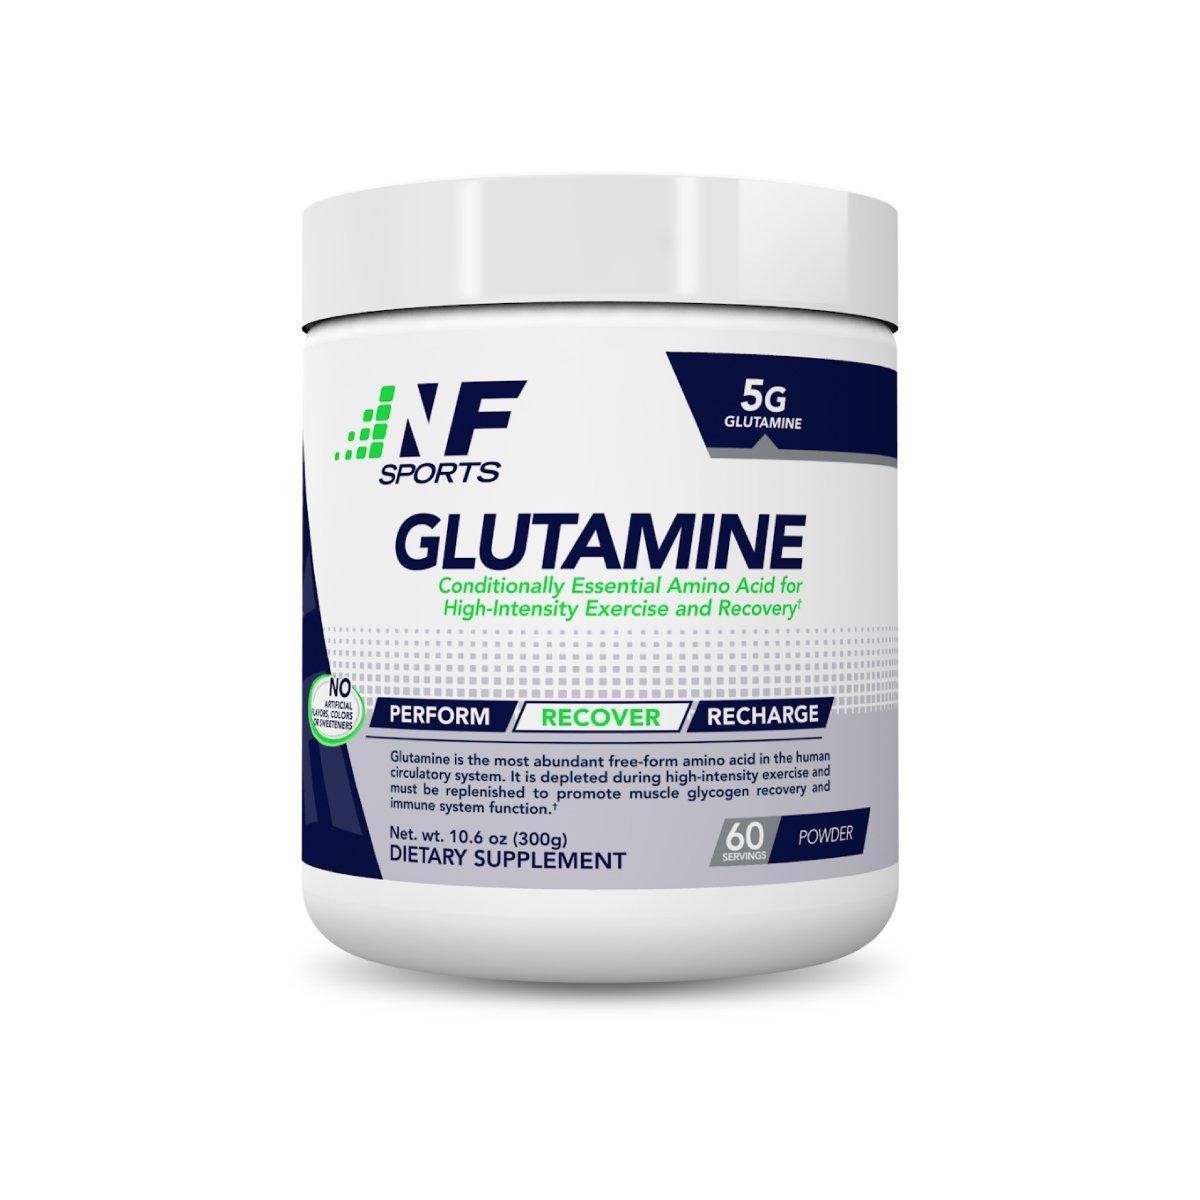 Image of Glutamine Powder